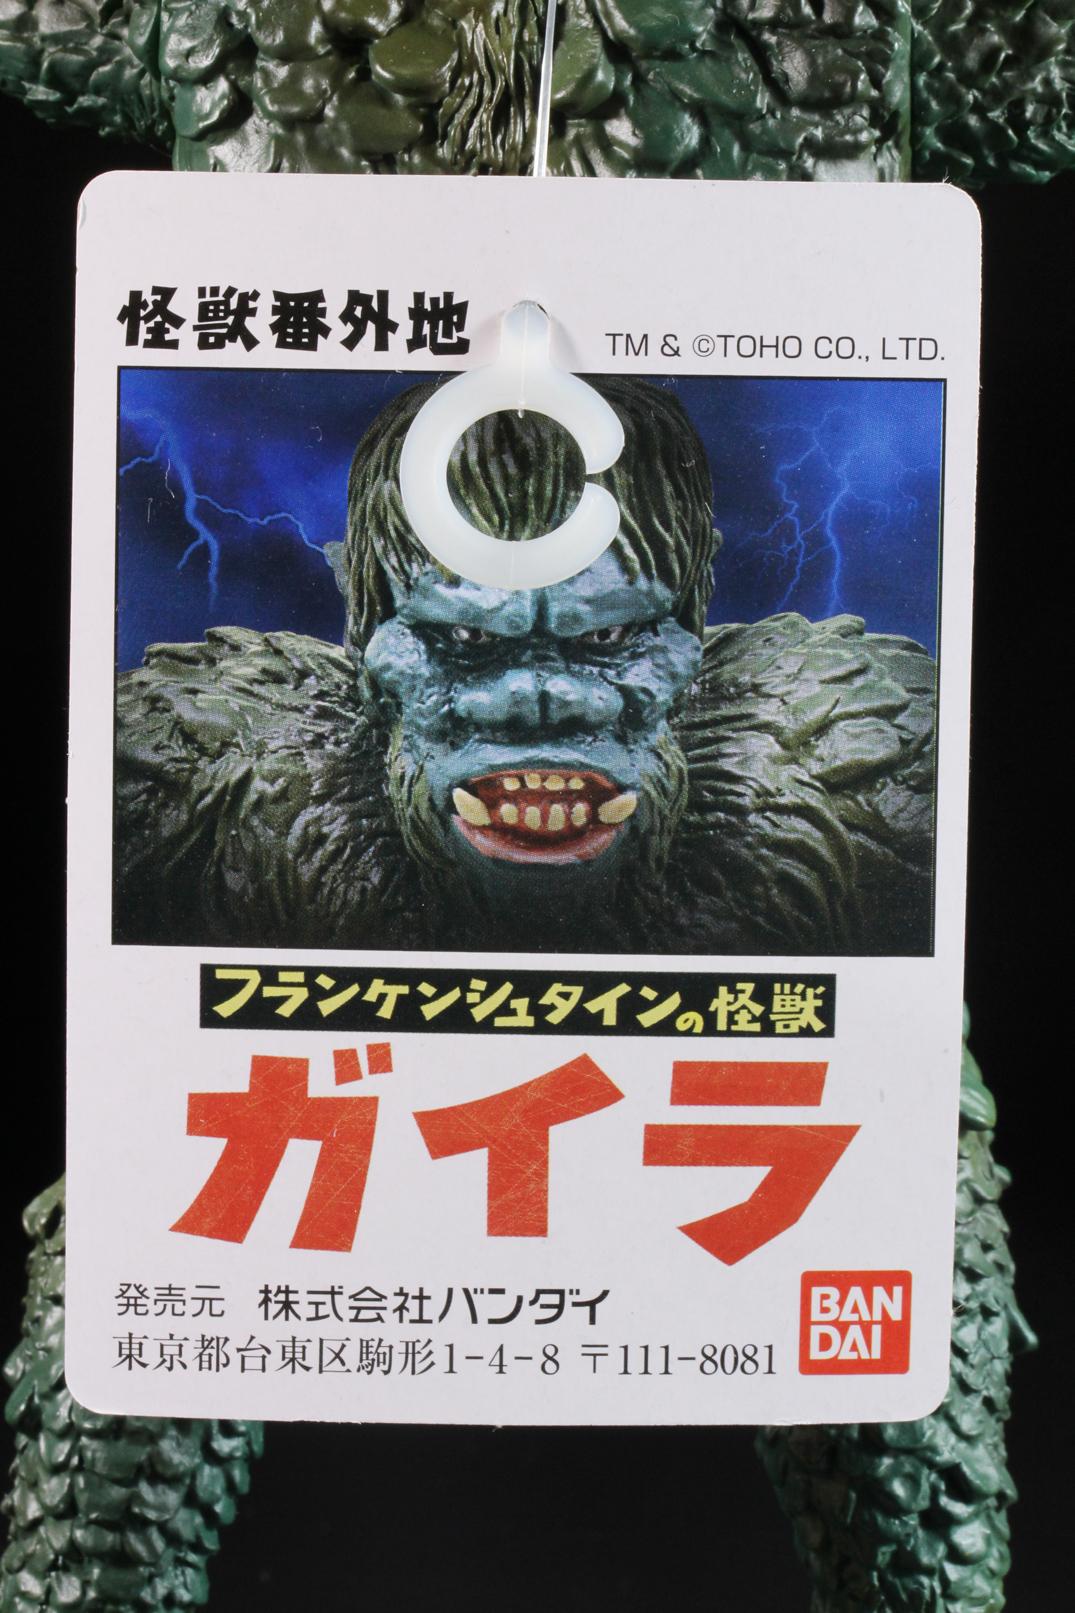 怪獣番外地ガイラ03